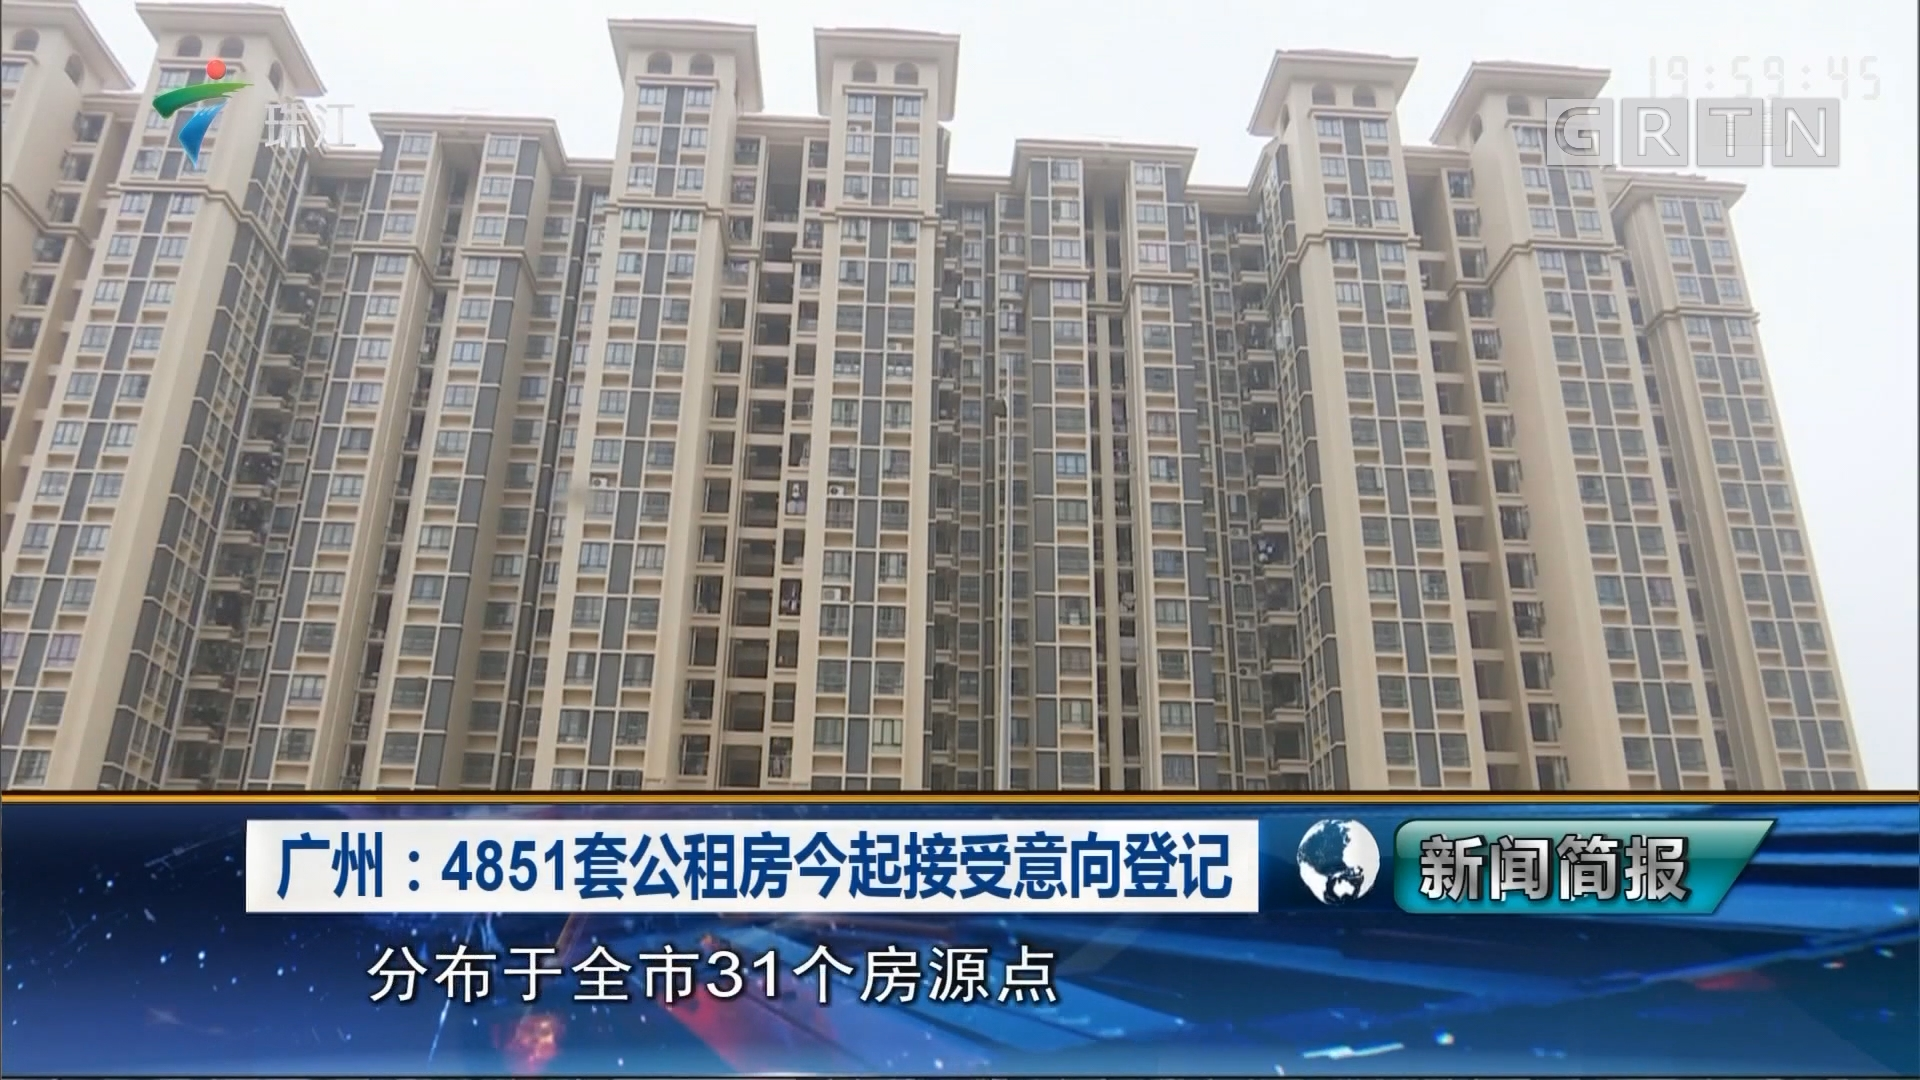 广州:4851套公租房今起接受意向登记